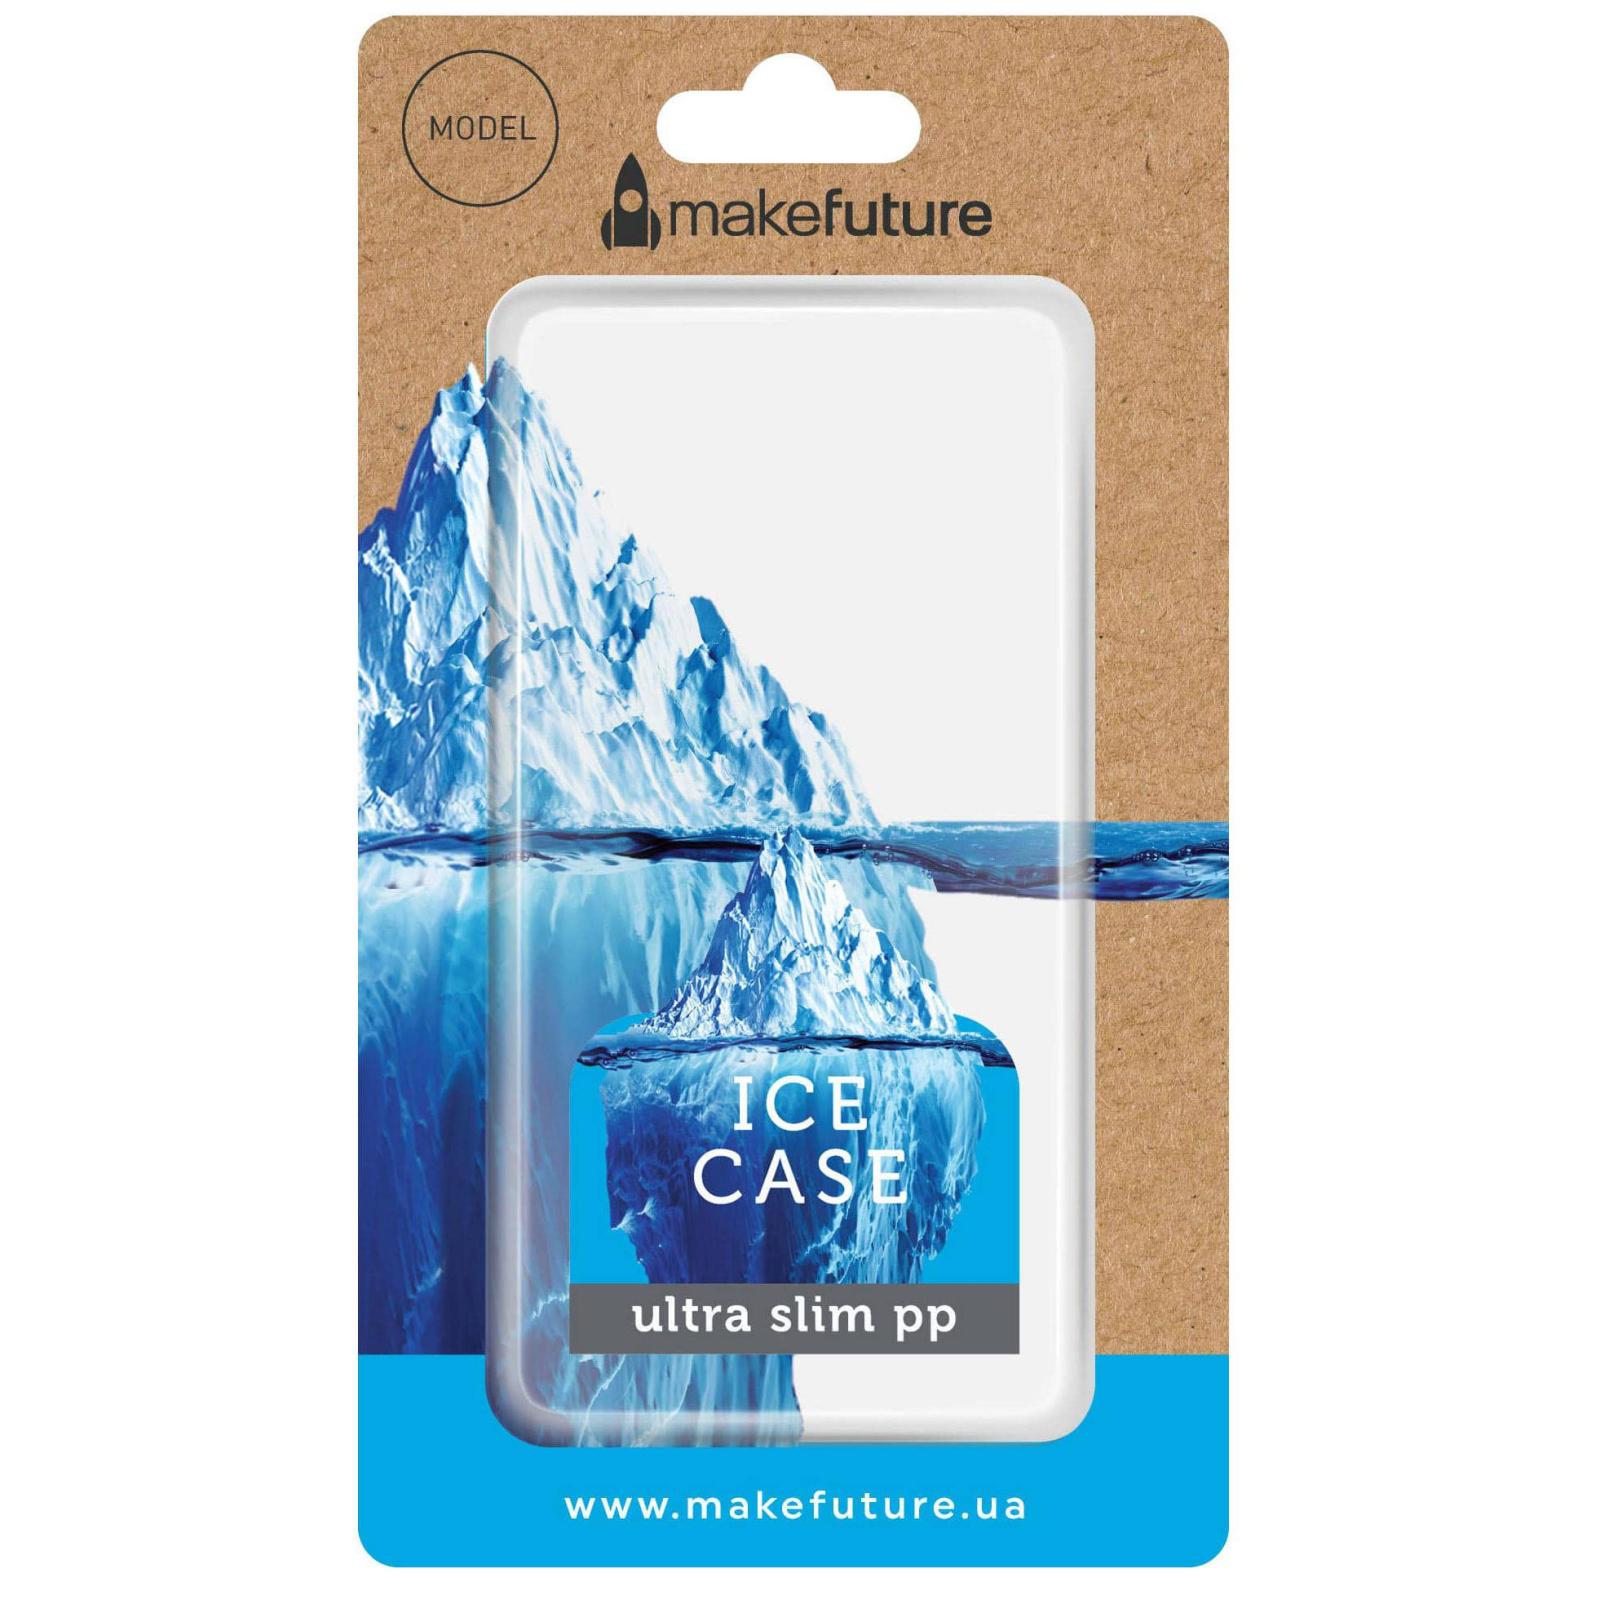 Чехол для моб. телефона MakeFuture Ice Case (PP) для Apple iPhone X Grey (MCI-AIXGR) изображение 4